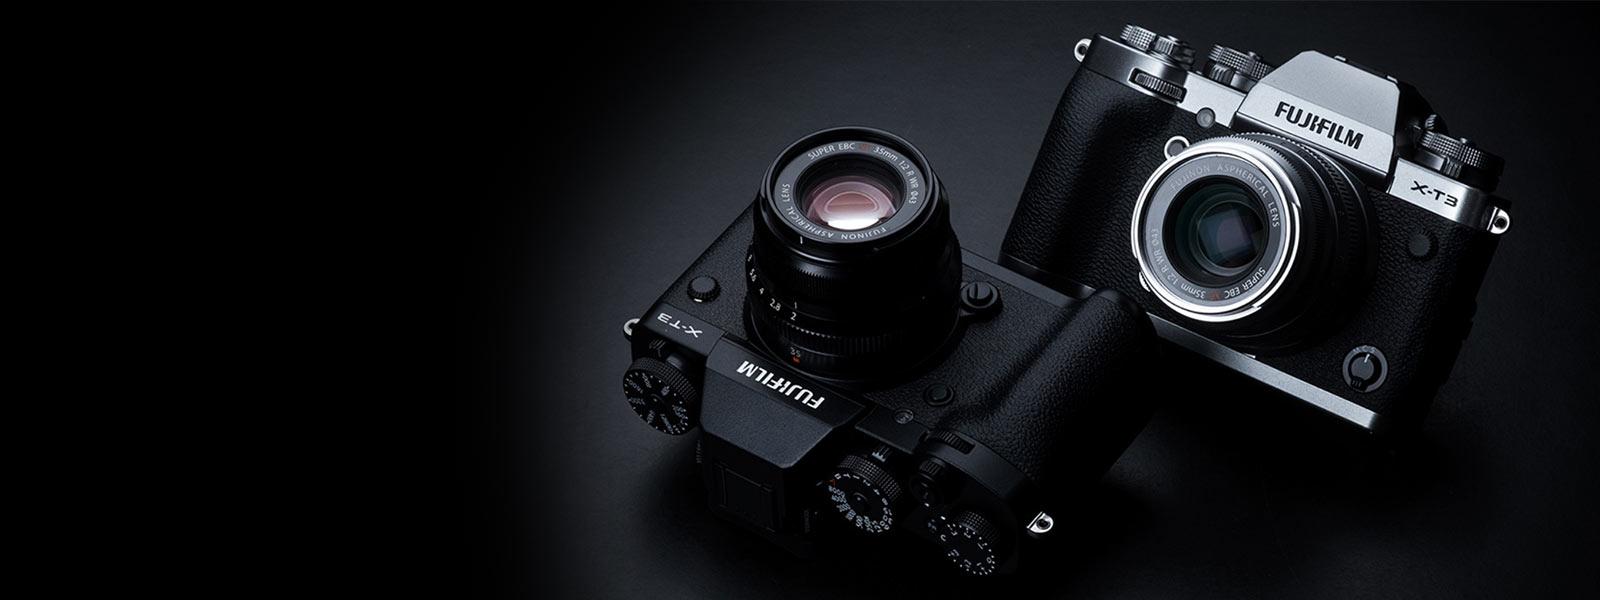 Image of Fuji cameras, courtesy of fujifilm.com